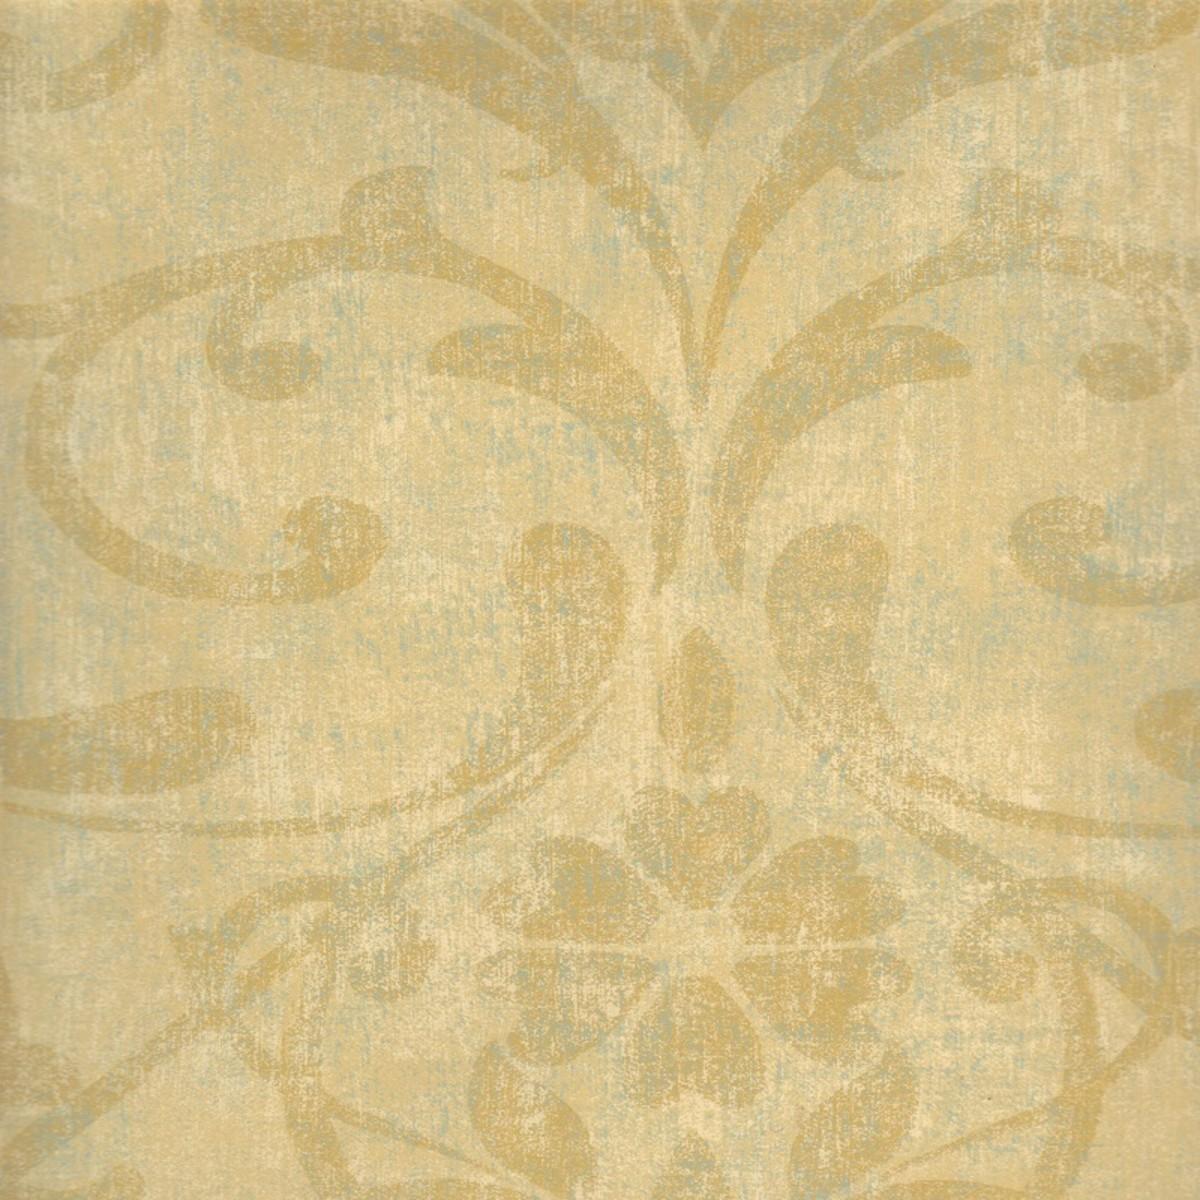 Виниловые обои York Wallcoverings коричневые VV5898 0.69 м